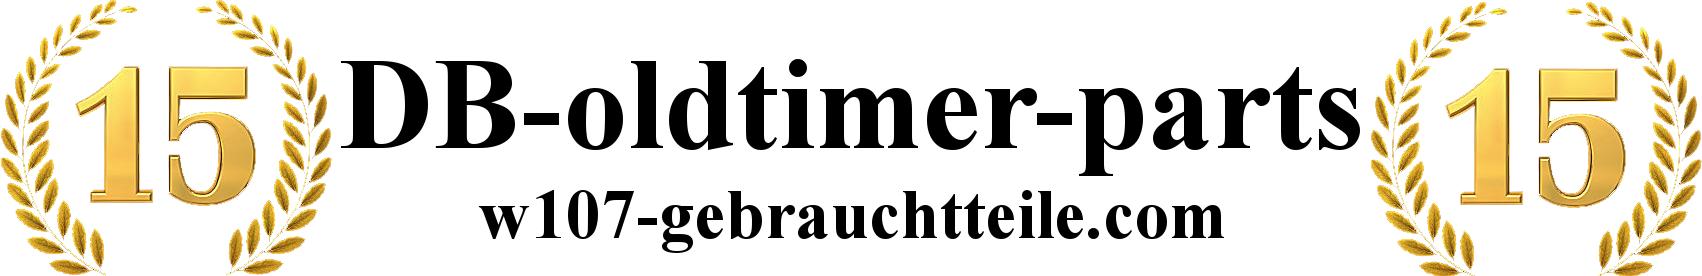 DB-oldtimer-parts